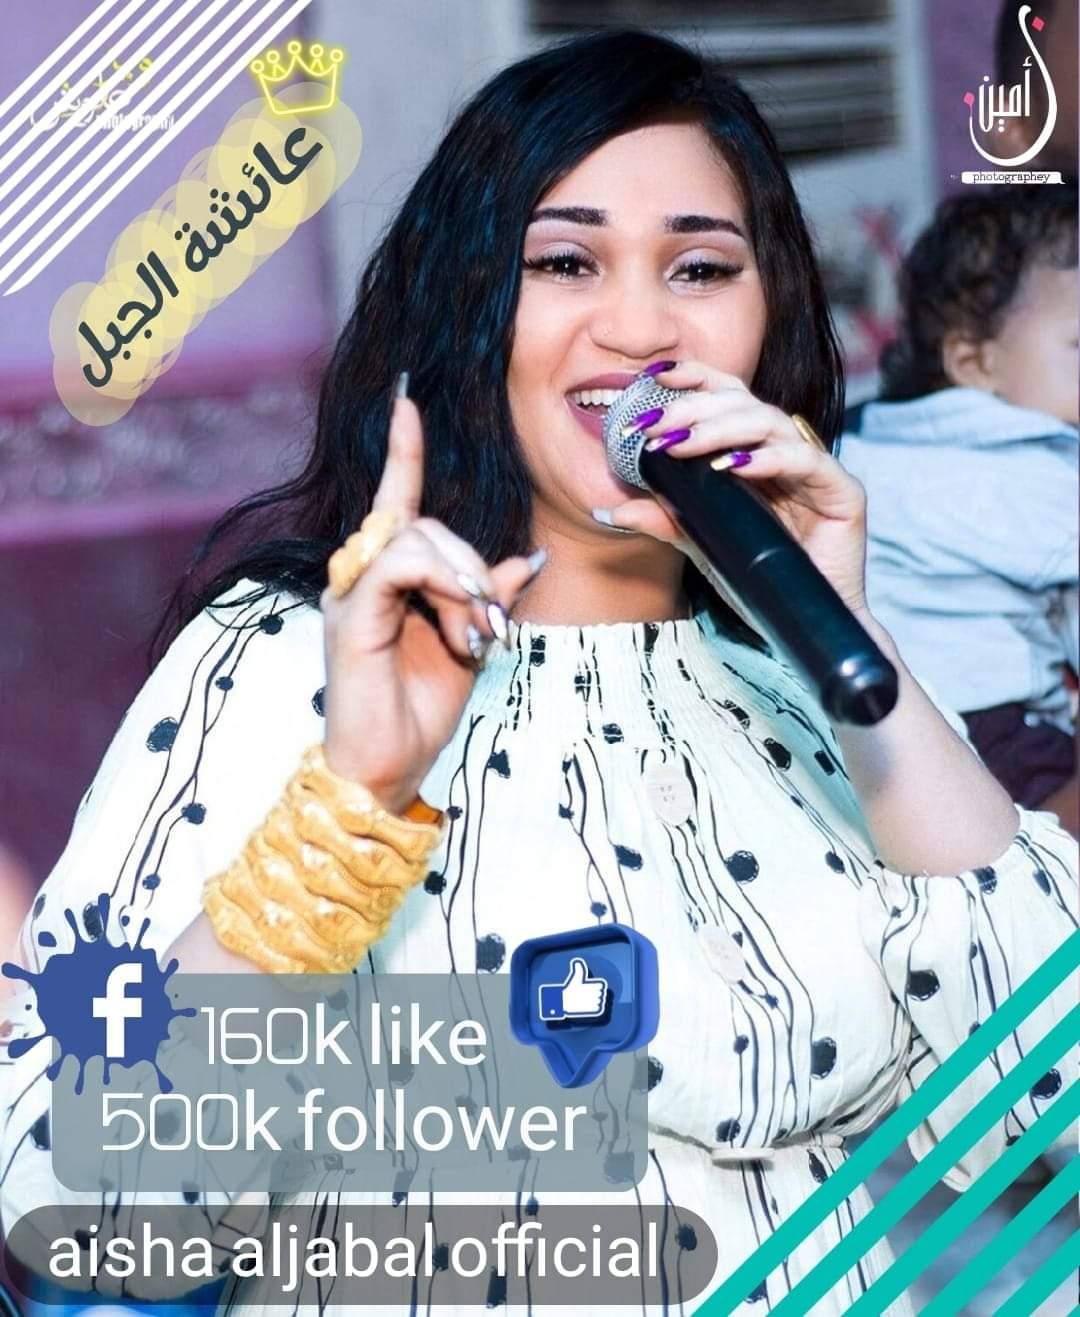 """الفنانة """"عشة الجبل"""" تحتفل بوصول متابعيها لنصف مليون متابع على """"فيسبوك"""""""